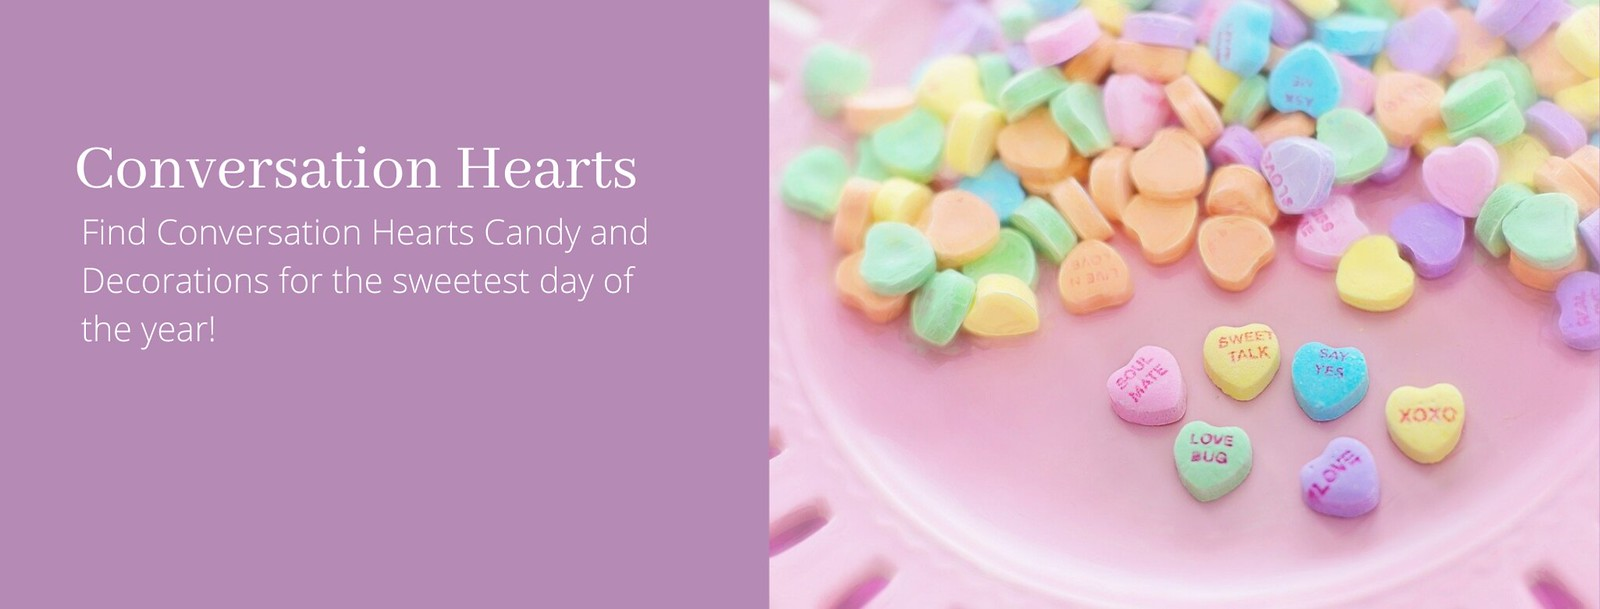 Valentines Day Conversation Hearts